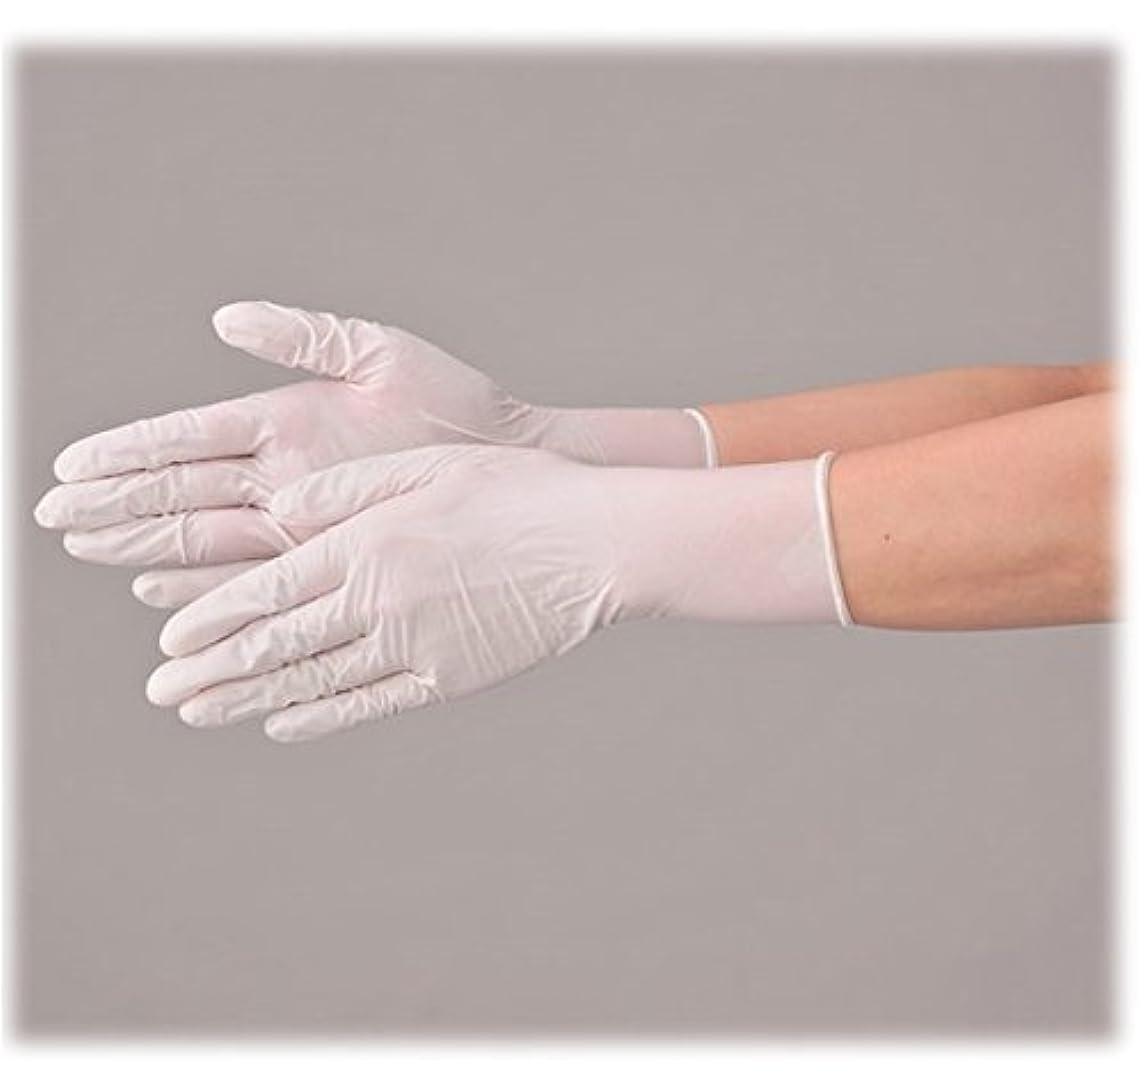 換気するアドバンテージ組み合わせる使い捨て 手袋 エブノ 574 ニトリルNEOプラス ホワイト Sサイズ パウダーフリー 2ケース(100枚×40箱)